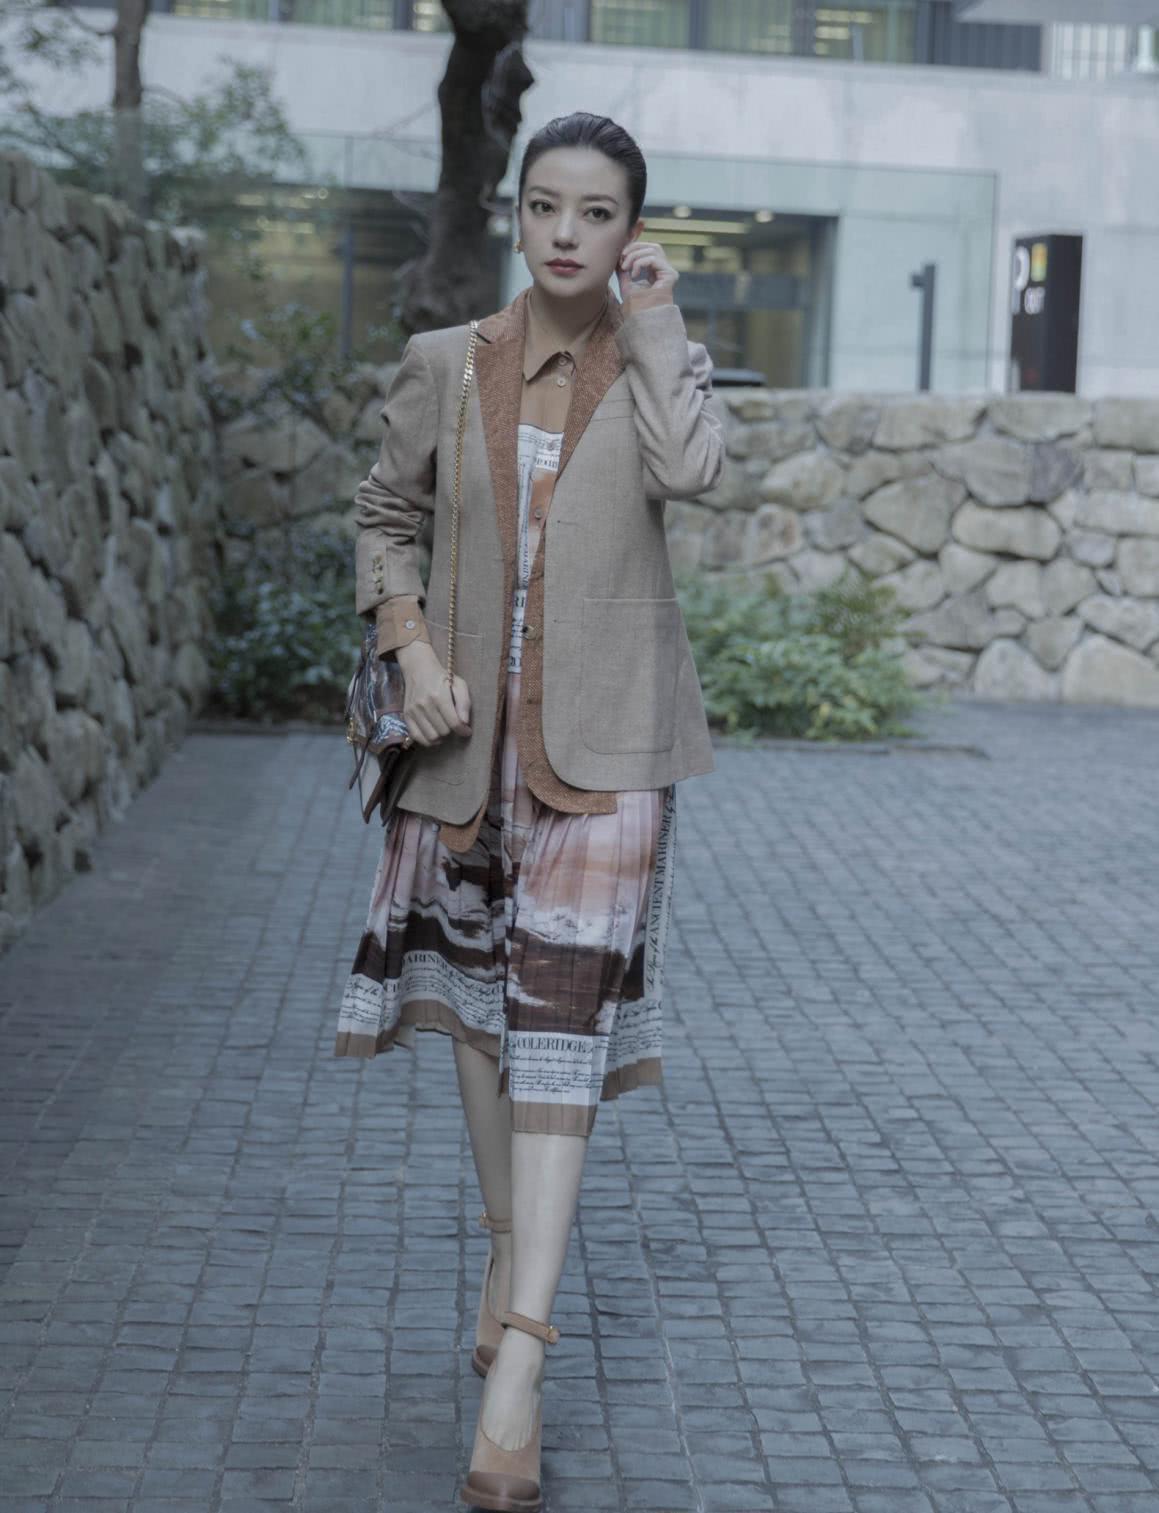 赵薇衣品越来越好,西装+短裙大秀筷子腿,时髦大气精英范十足